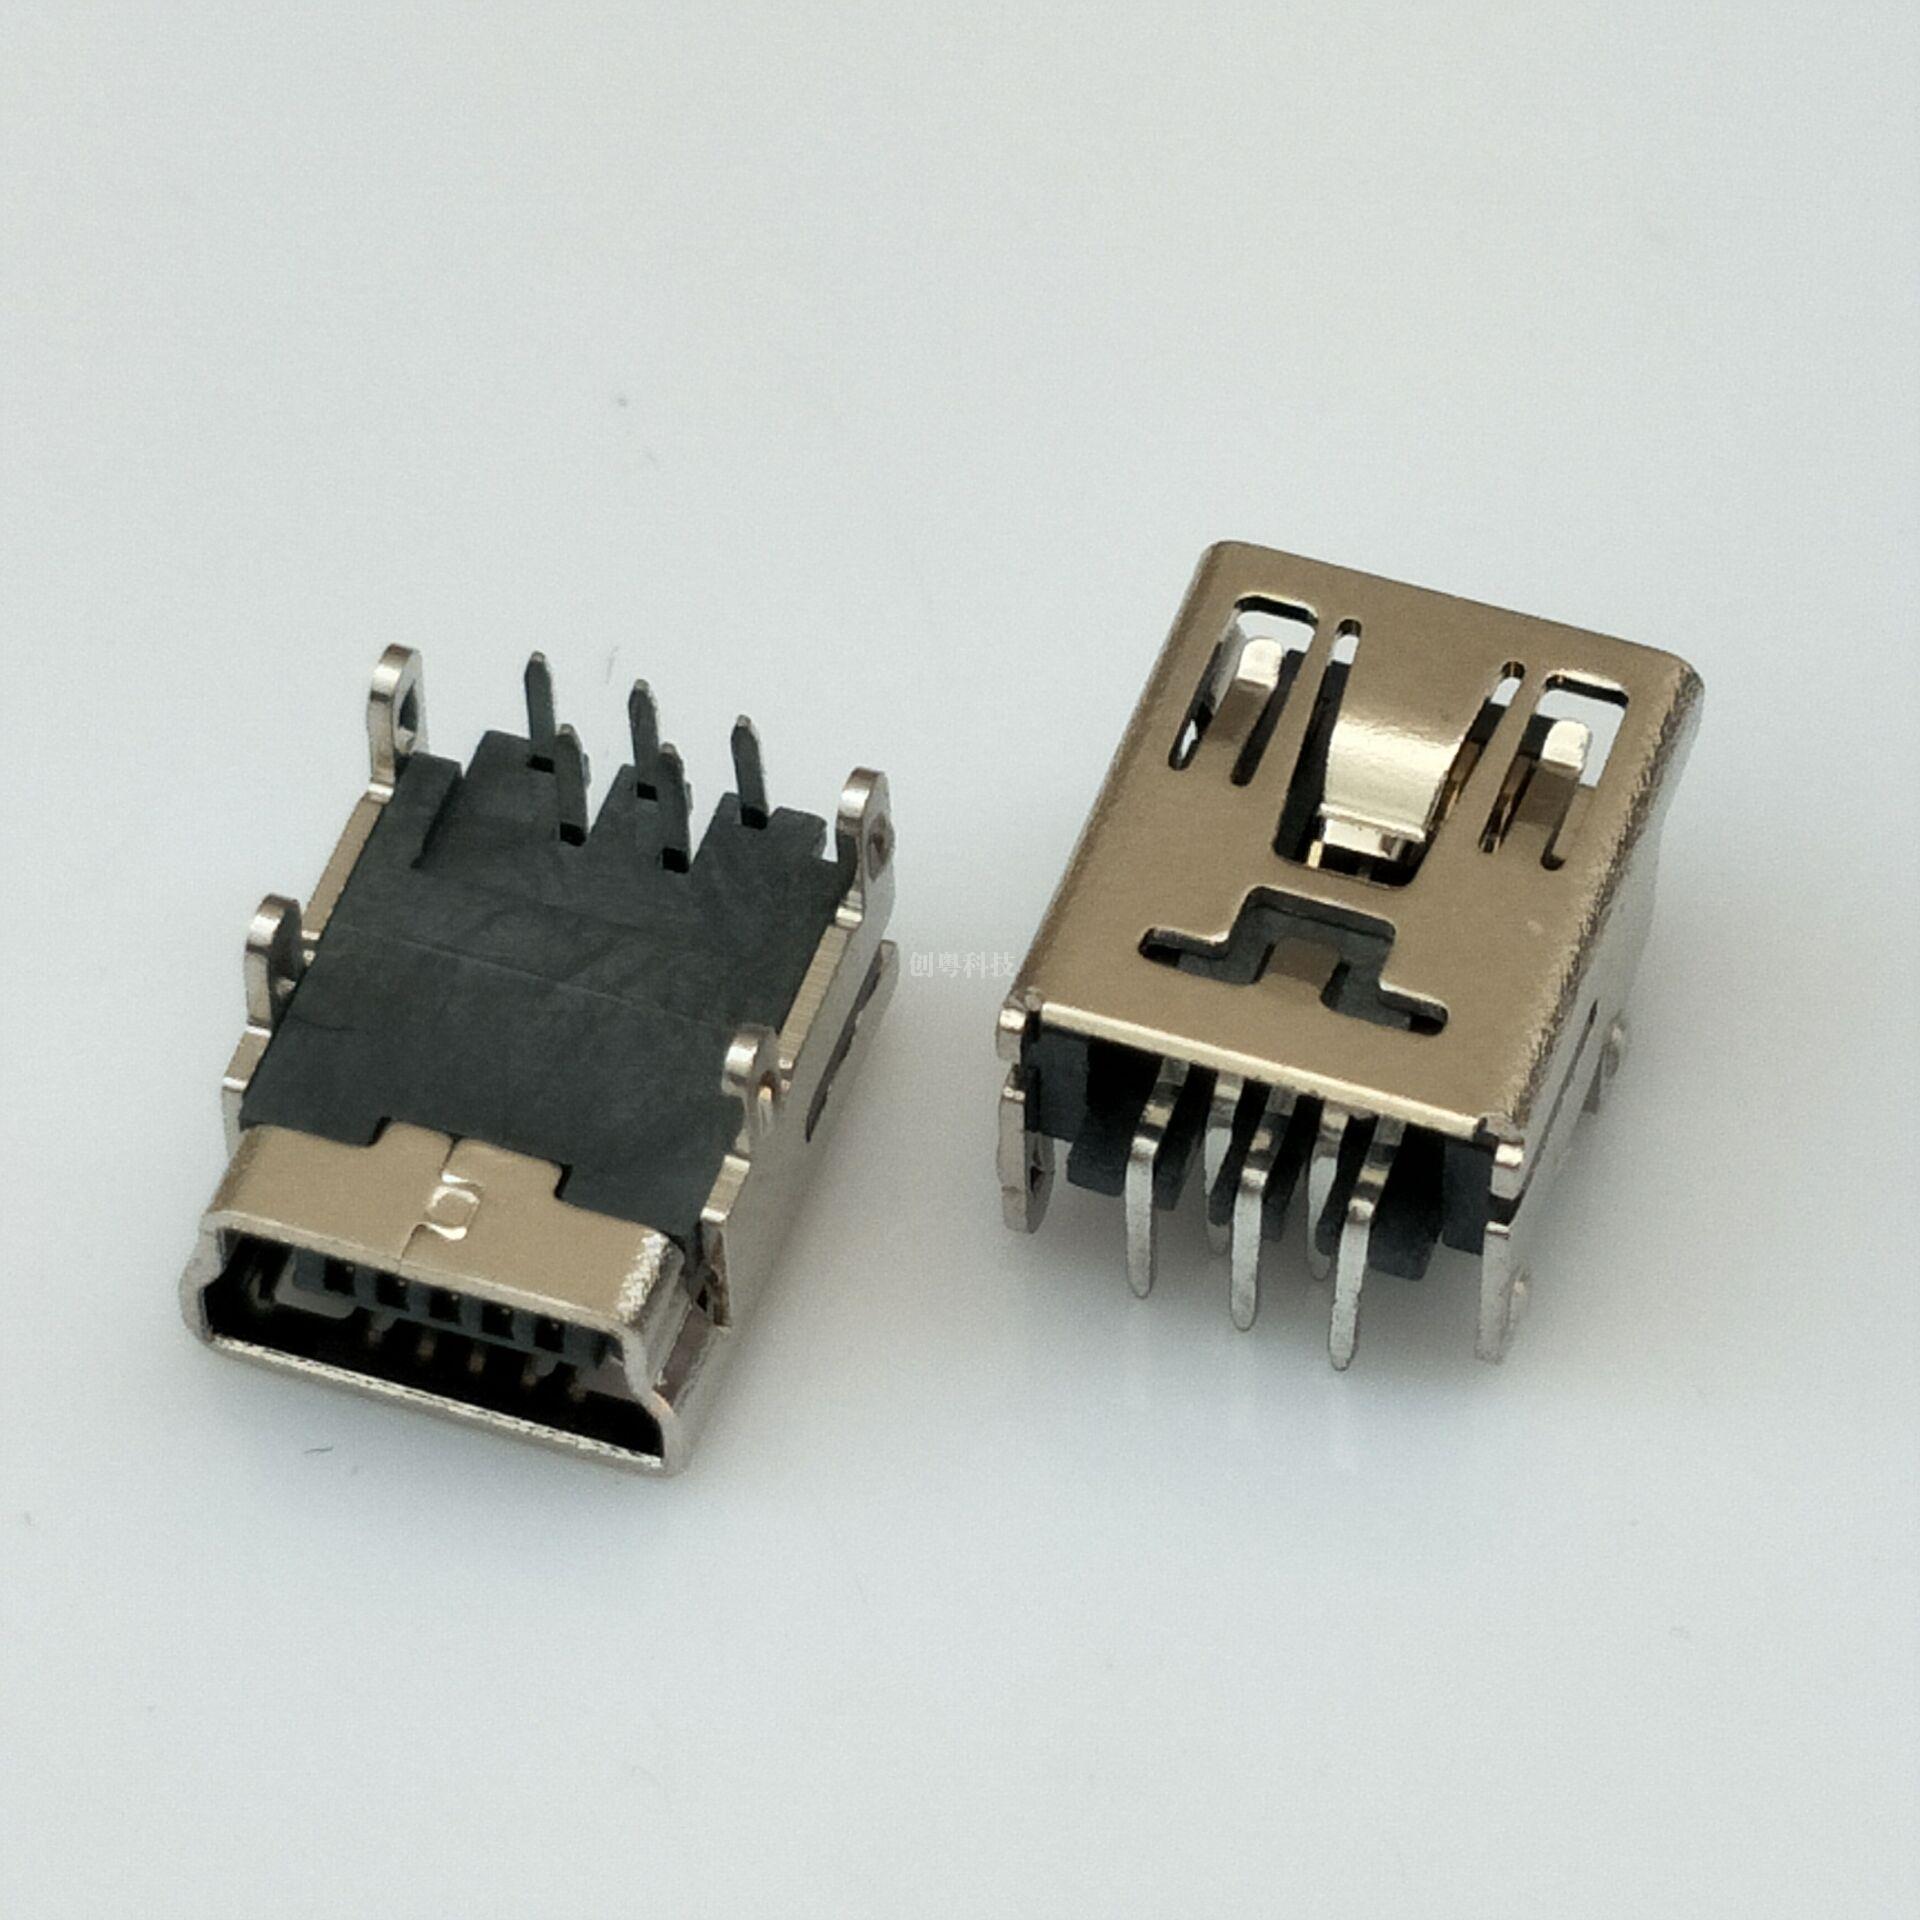 MINI USB 母座